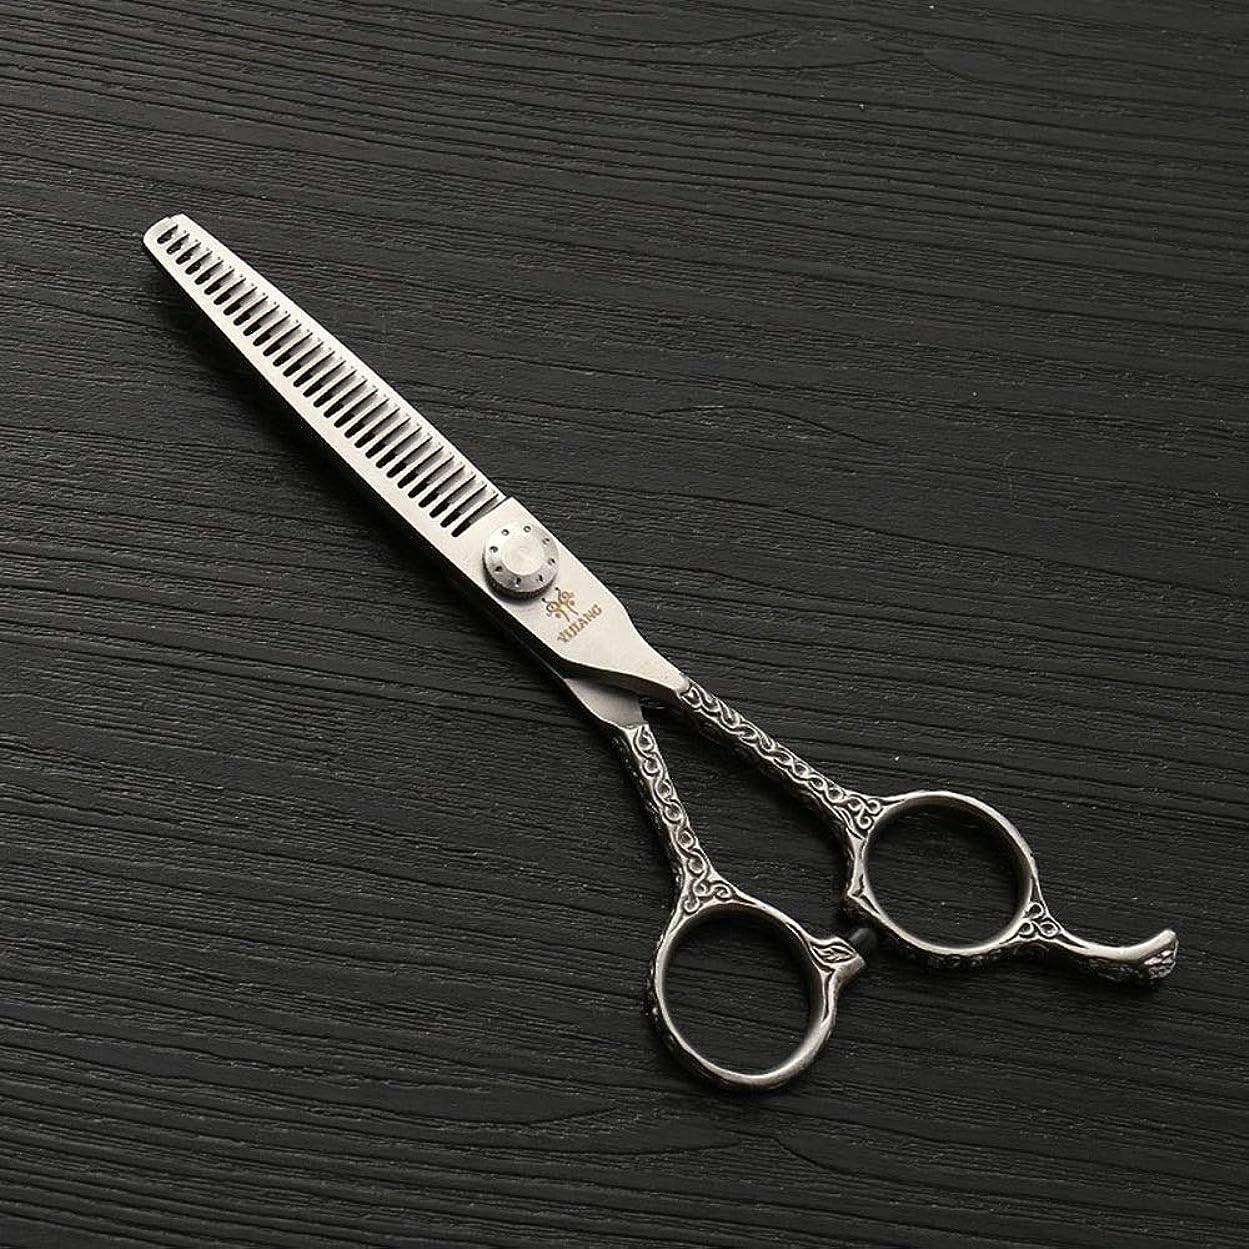 節約するボウル拡大する理髪用はさみ 440Cステンレス鋼6インチ美容院プロのヘアカットはさみヘアカットはさみステンレス理髪はさみ (色 : Silver)